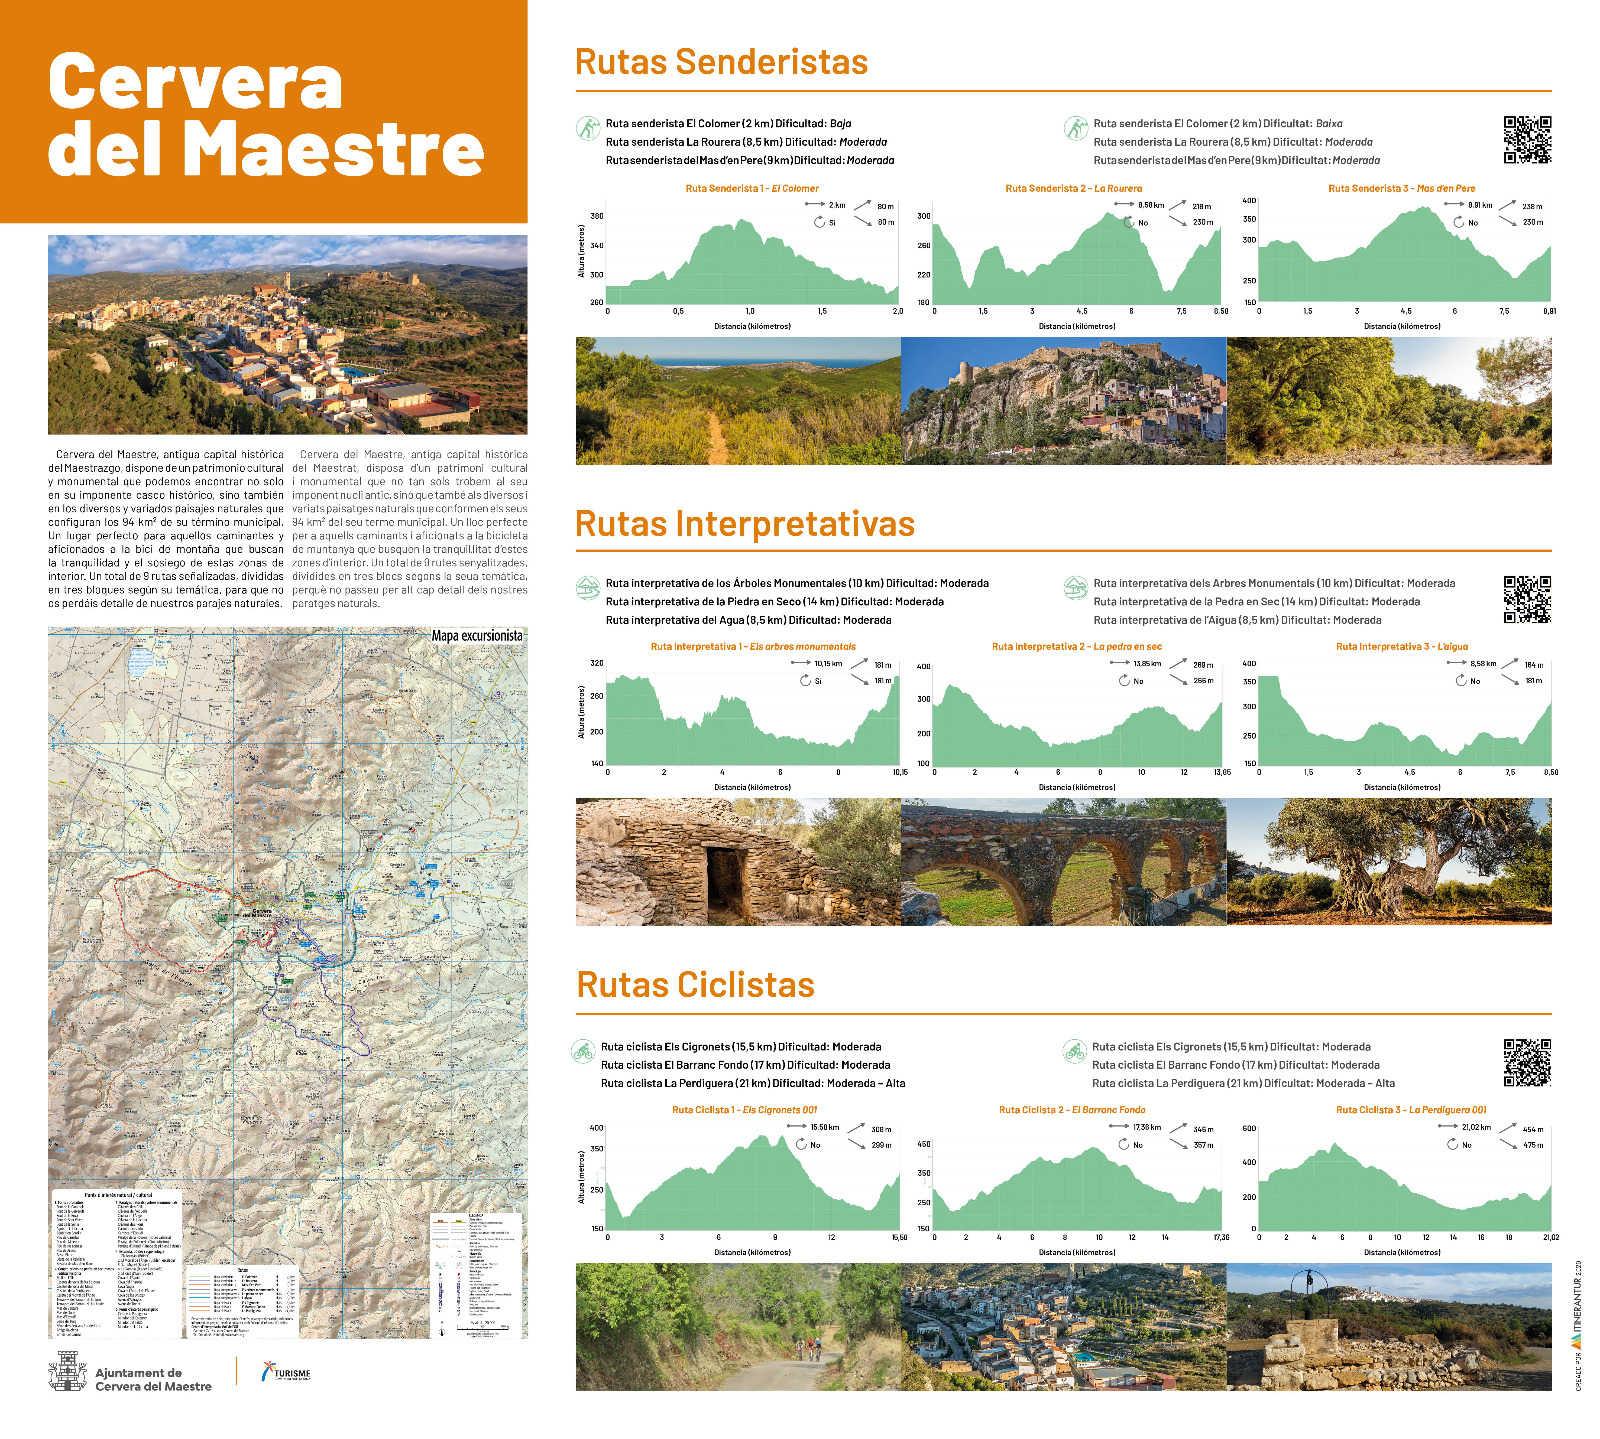 Rutas senderistas, interpretativas y ciclistas en Cervera del Maestre